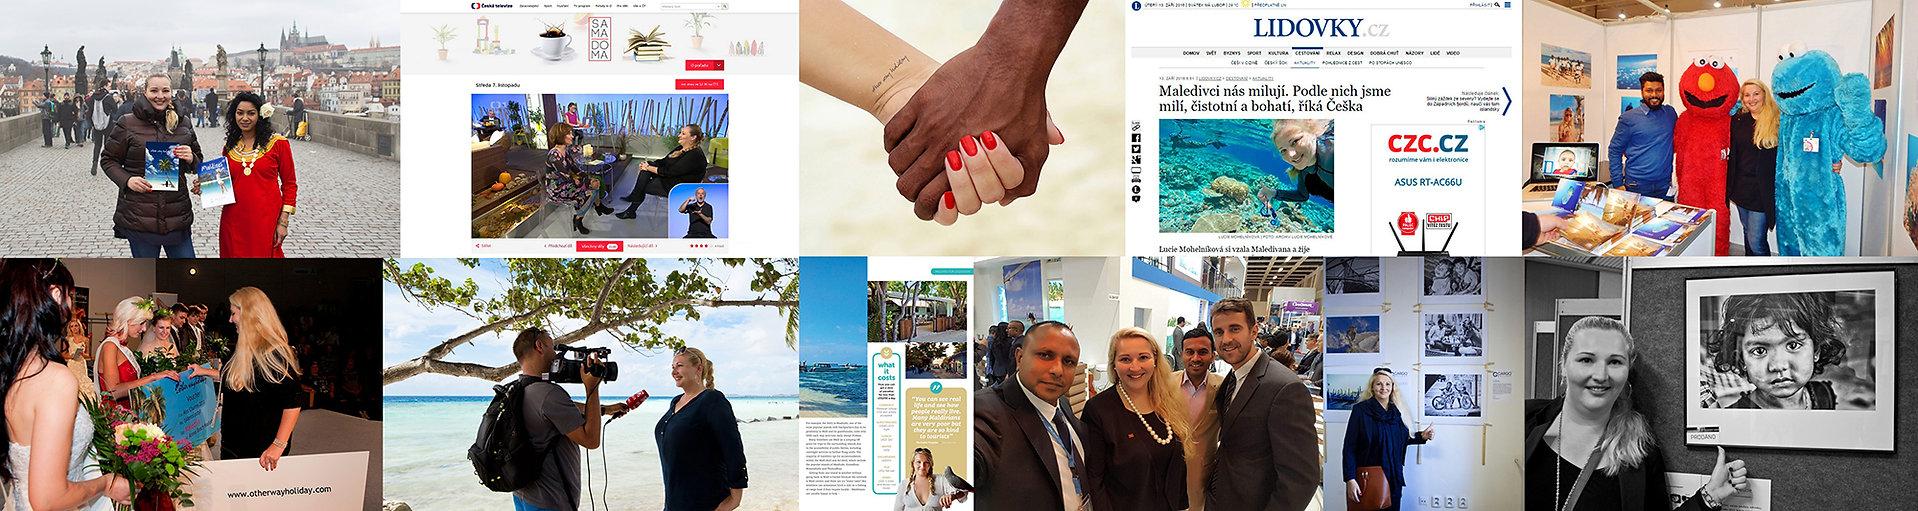 other way holiday, Maledivy, média, časopisy, magazíny a televize